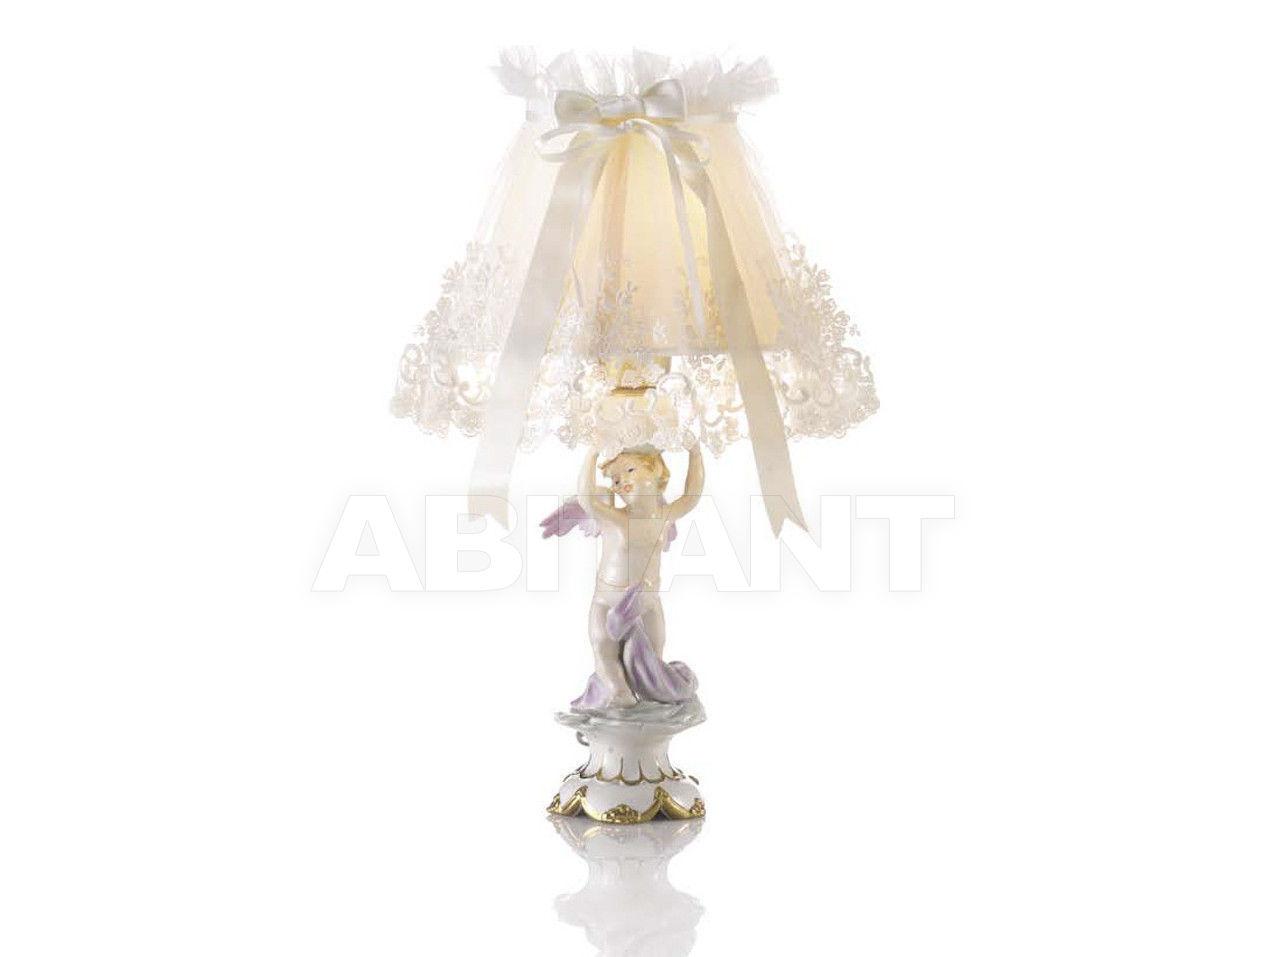 Купить Лампа настольная ATLAS (SCULPTOR) LAMP-EMBROIDED 20 Villari Capodimonte T.00262-002